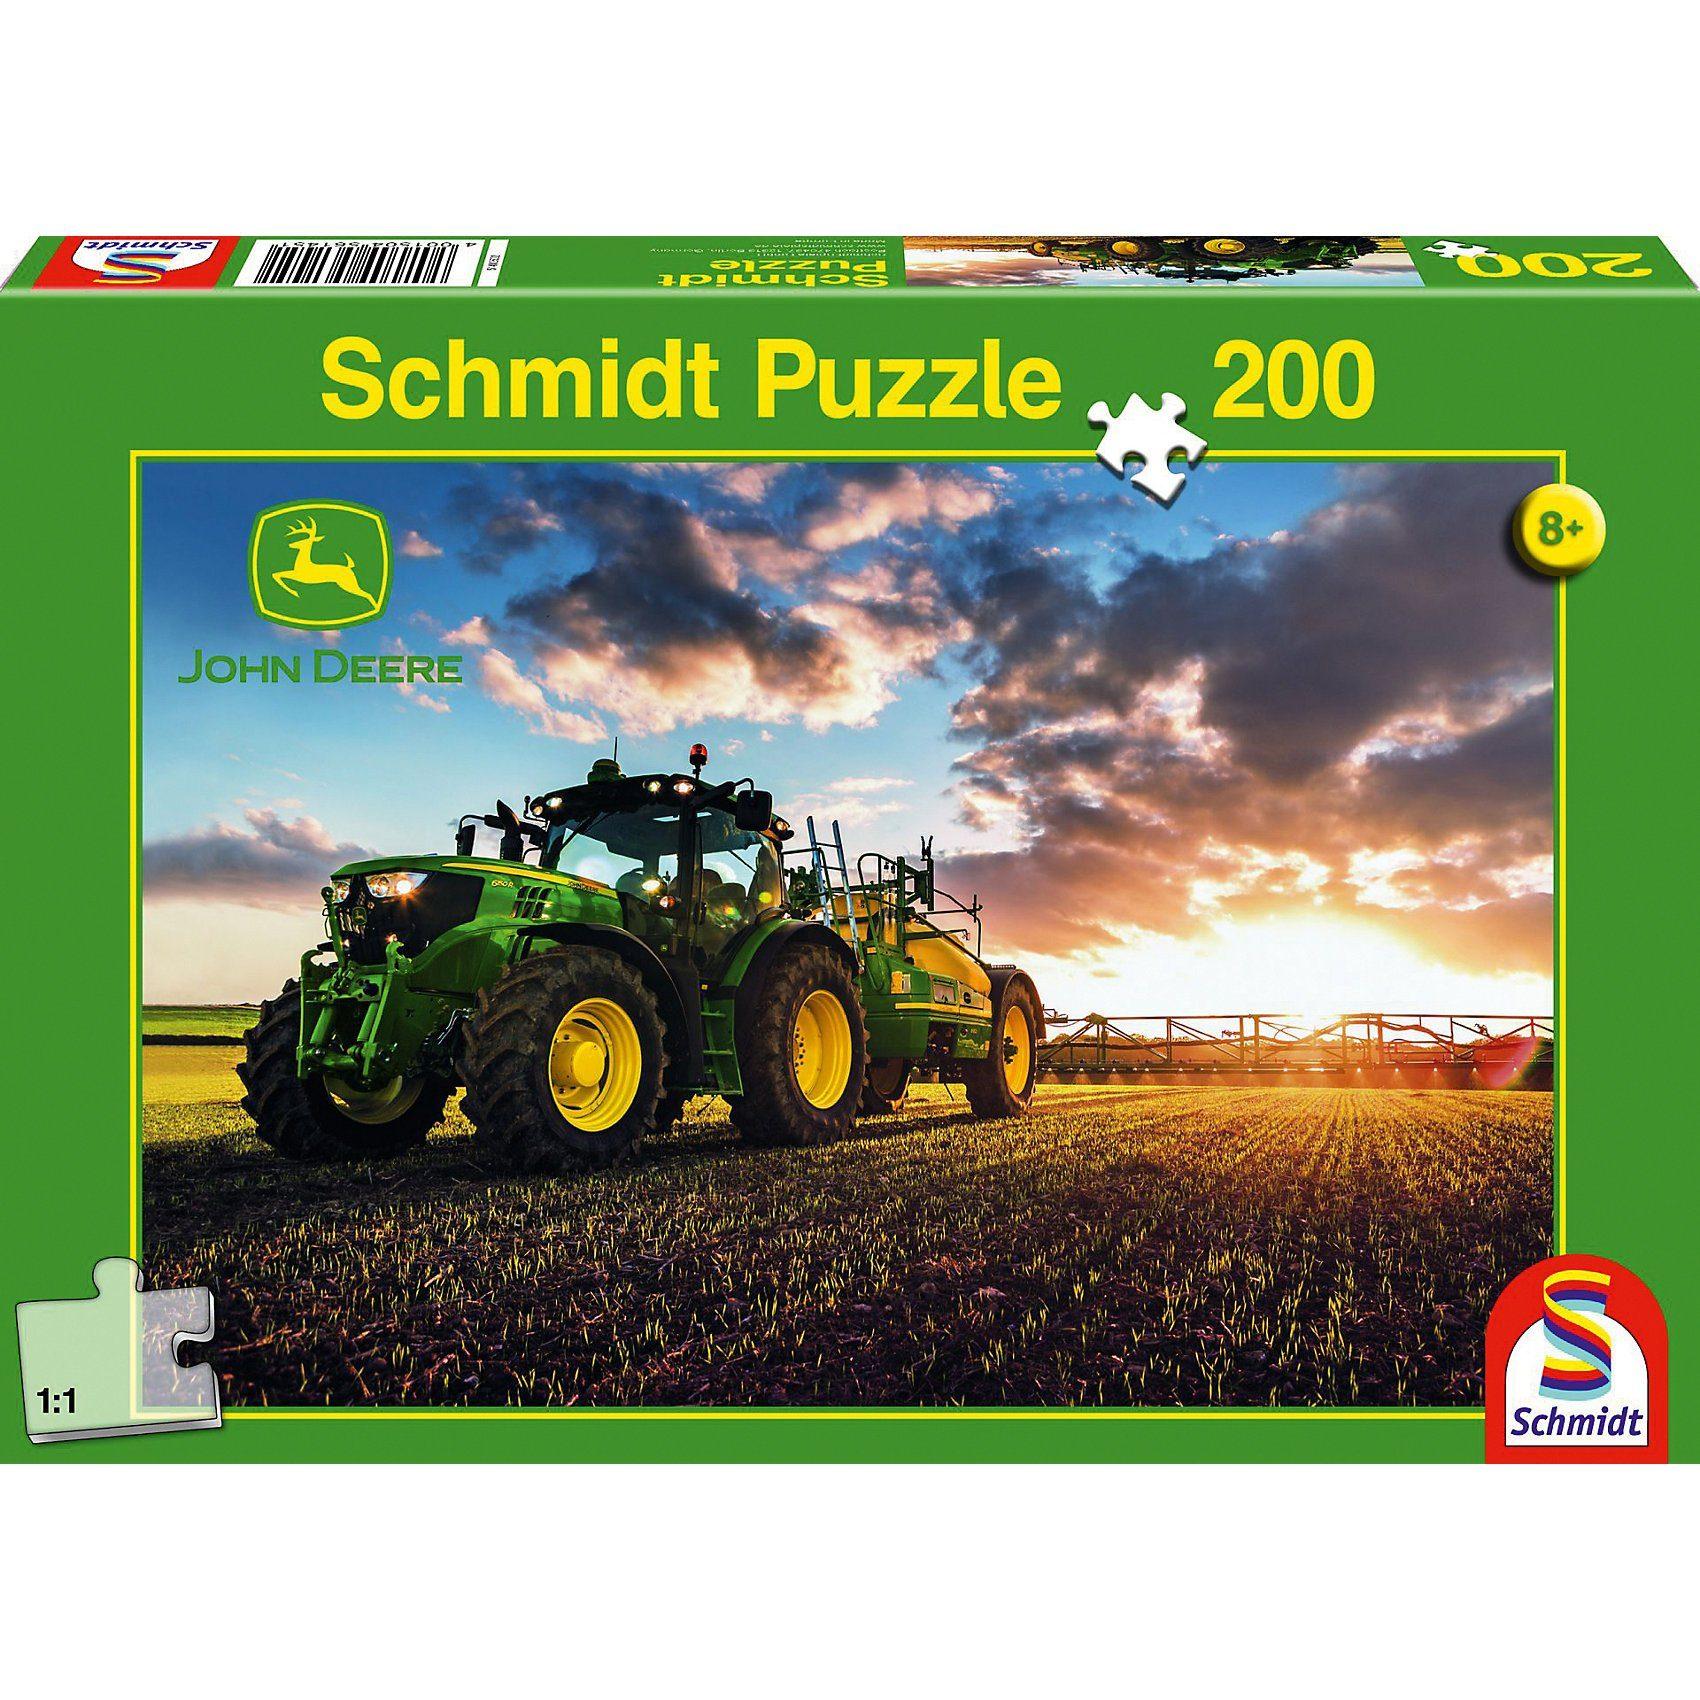 Schmidt Spiele John Deere, Traktor 6150R mit Güllefass, 200 Teile